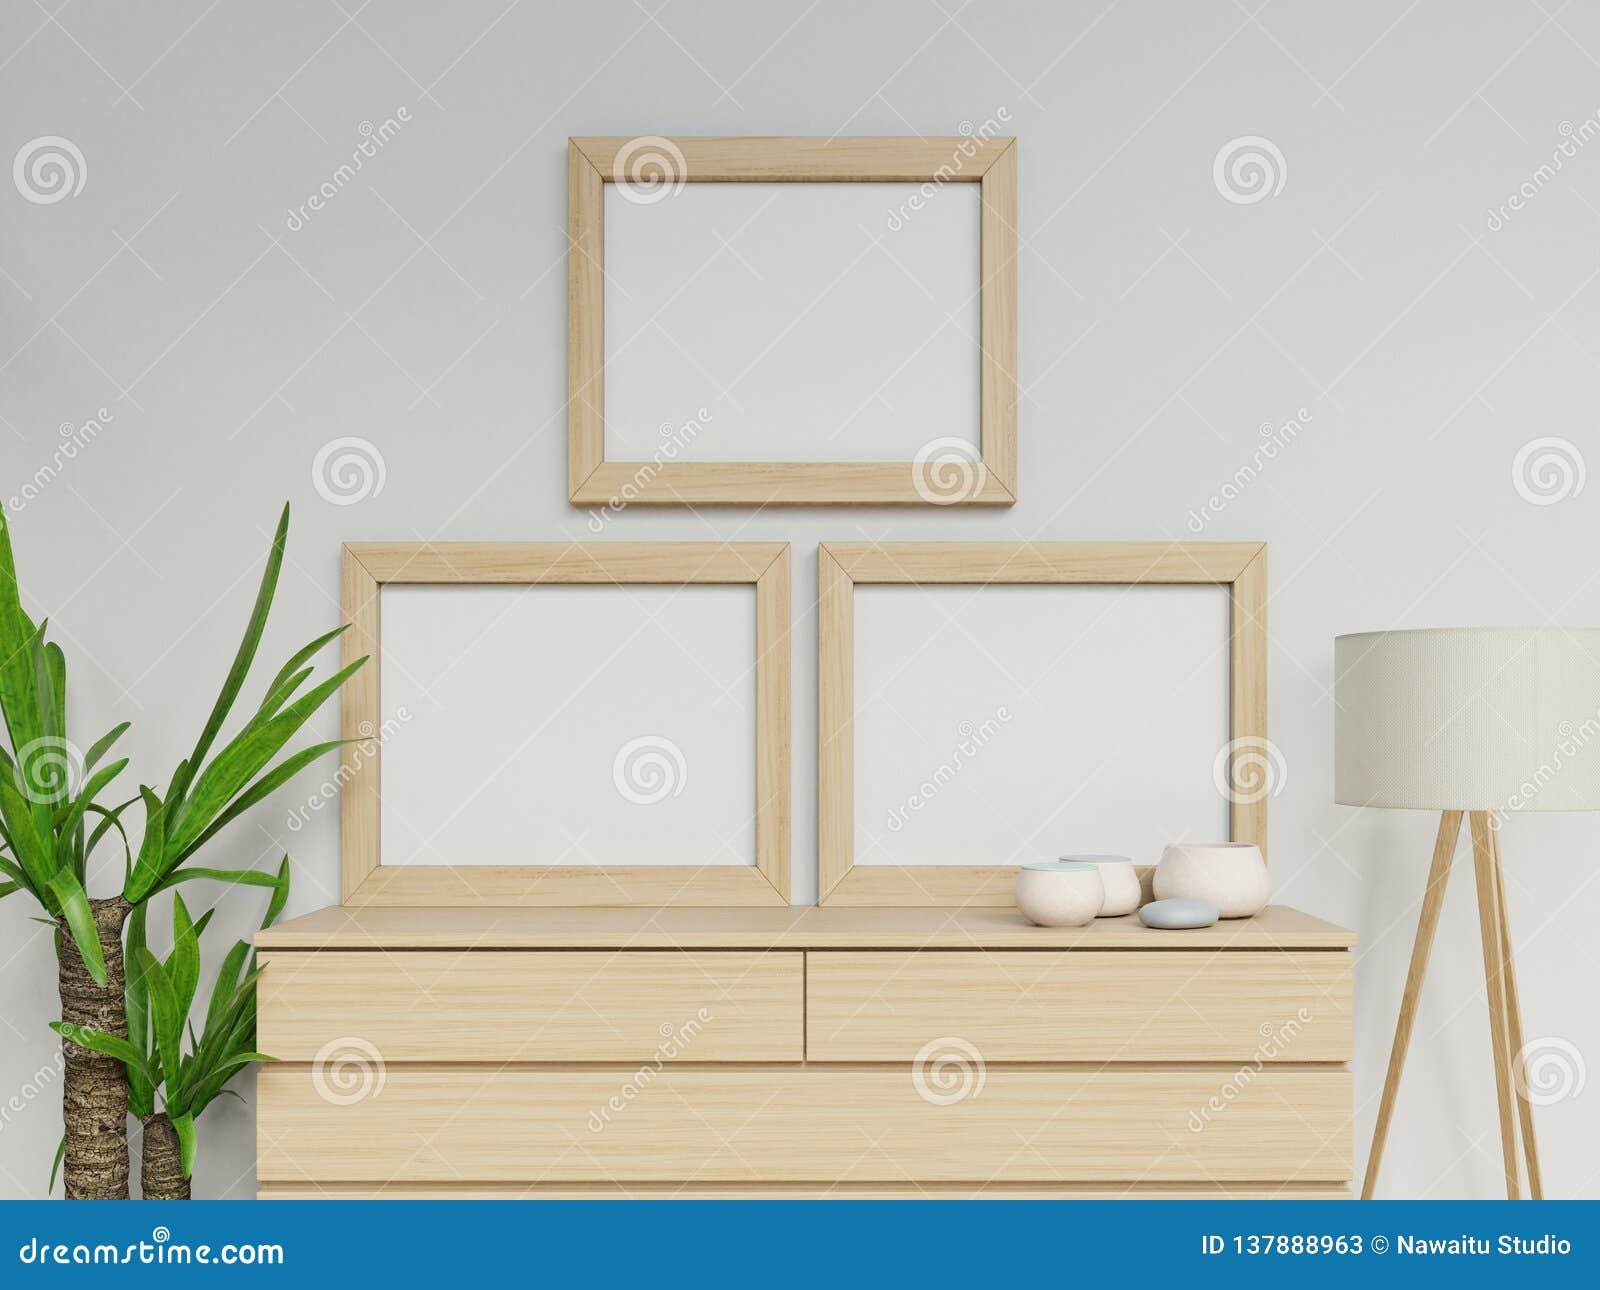 Реалистические 3d представляют уютного домашнего интерьера с плакатом пробела 2 a3 насмешливый вверх по дизайну с вертикальной св